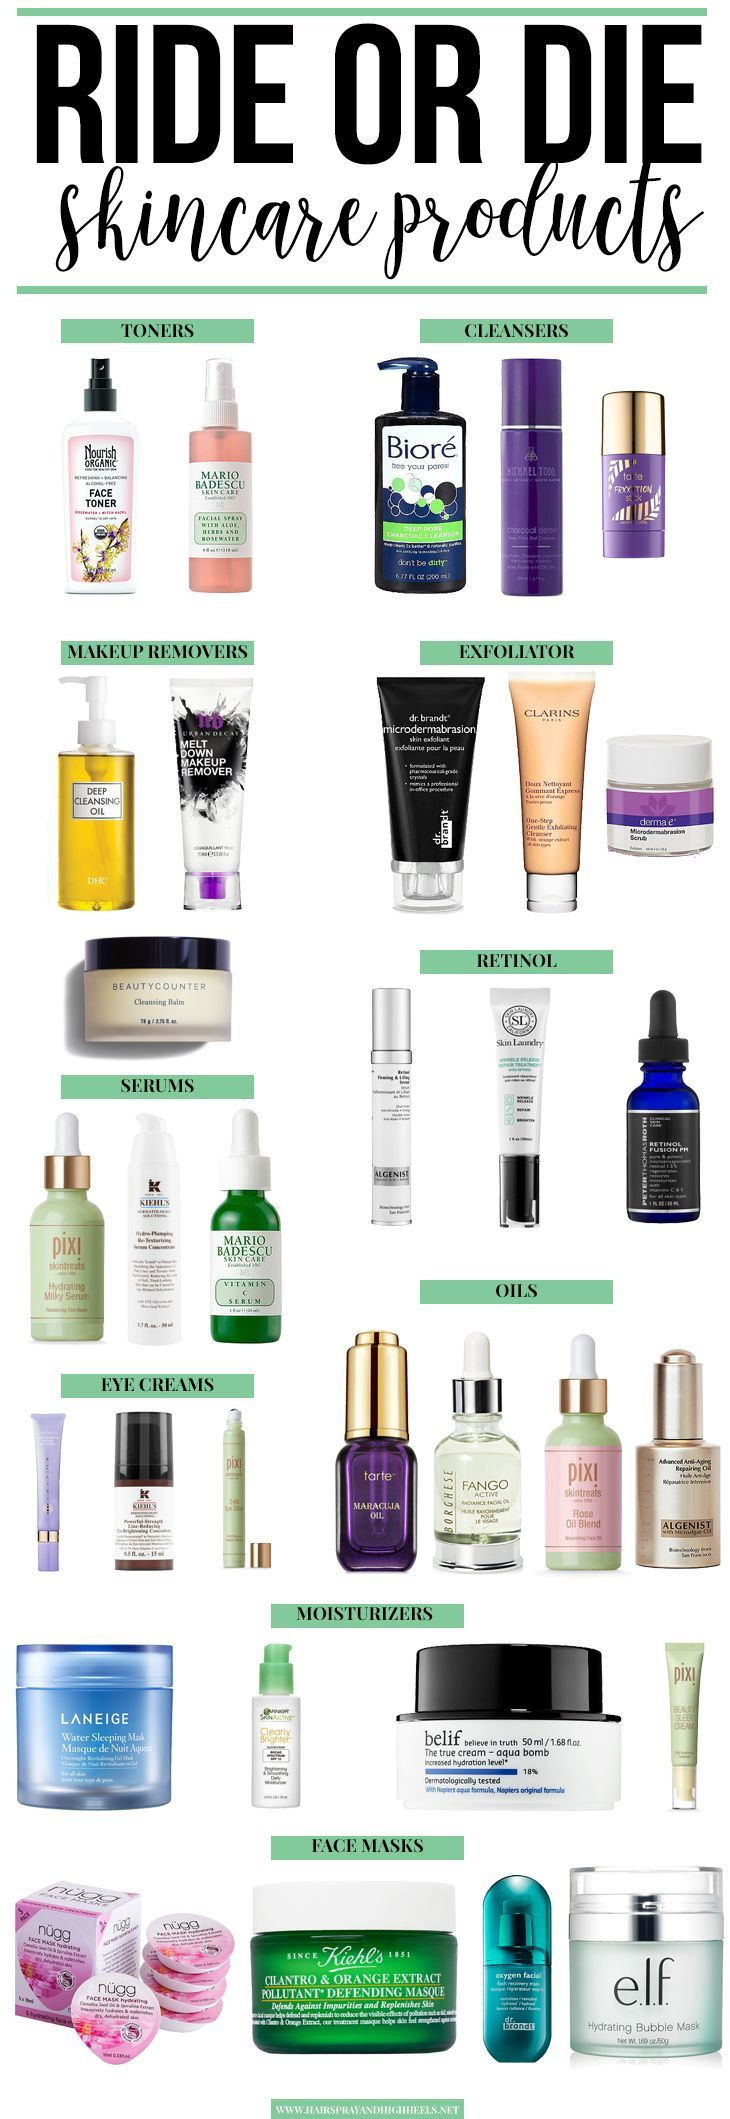 Benötigen Sie eine neue Hautpflege-Routine? Schau dir die Ride or Die Skincare-Artikel an, die dieser Blogger liebt! Beginnen Sie mit